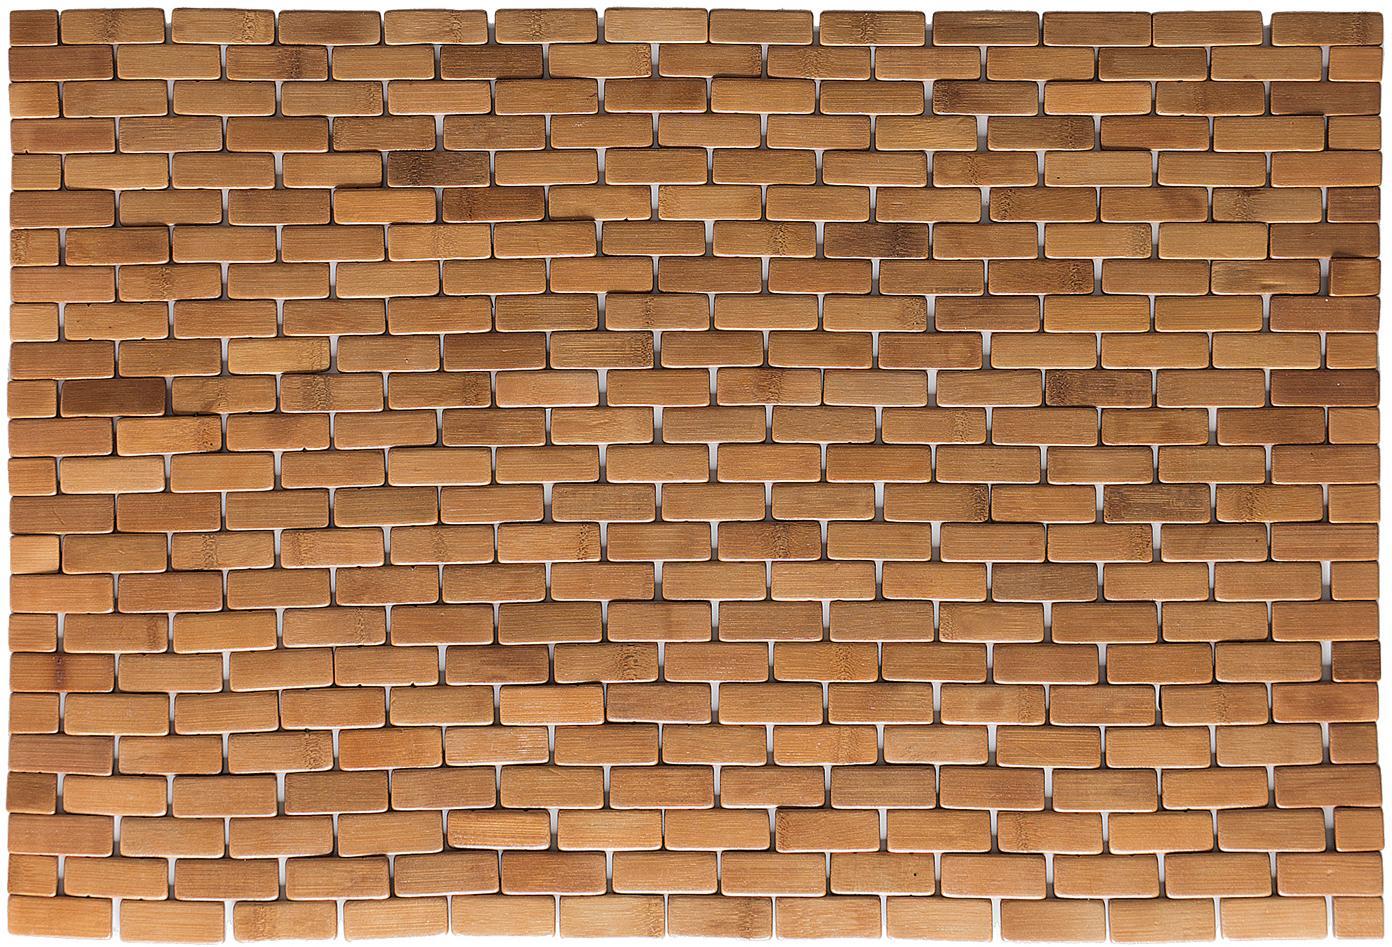 Badmat Mosaic van bamboehout, Bamboehout, Bamboehoutkleurig, 50 x 80 cm